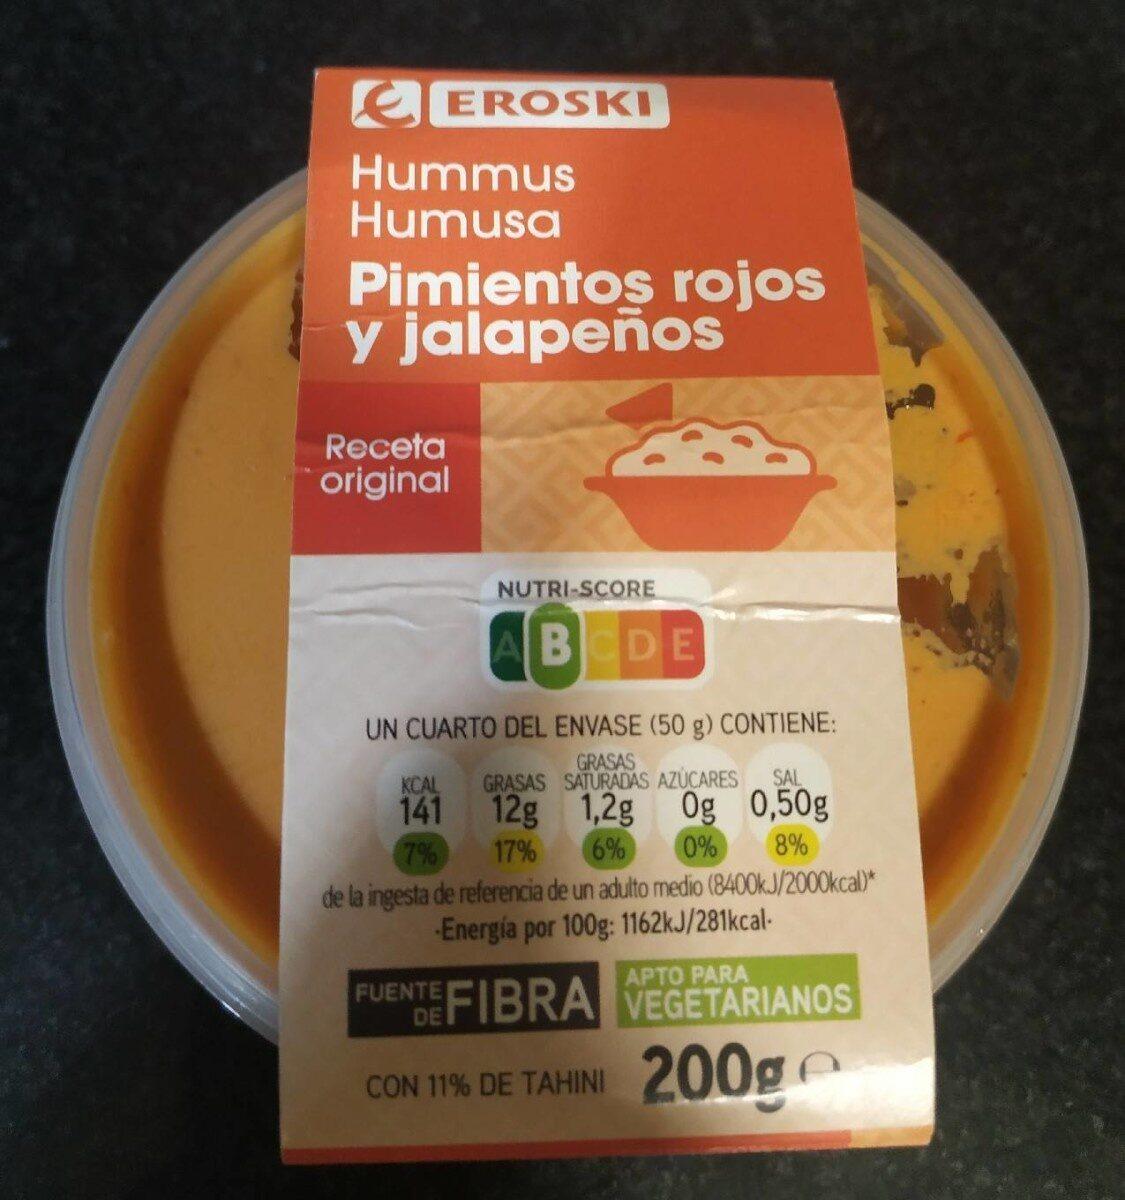 Hummus pimientos rojos y jalapeños - Produit - es